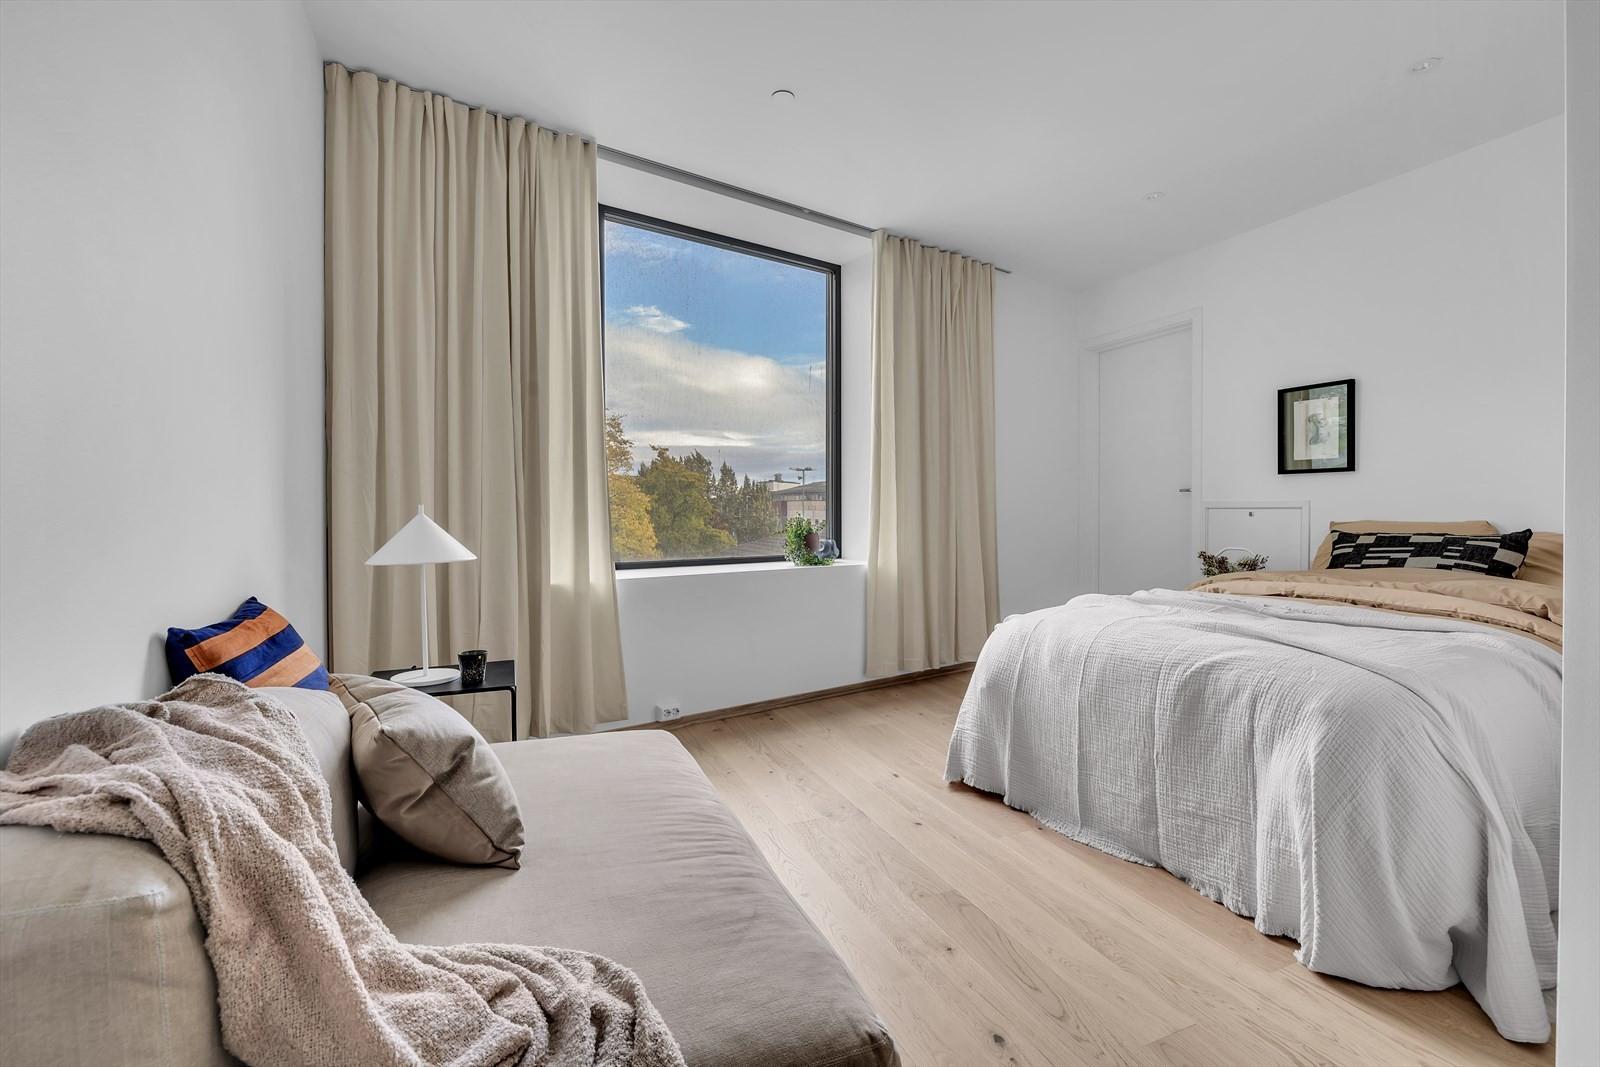 Utleie leiligheten er ferdig full innredet fra utbygger sammen med Evok Agency